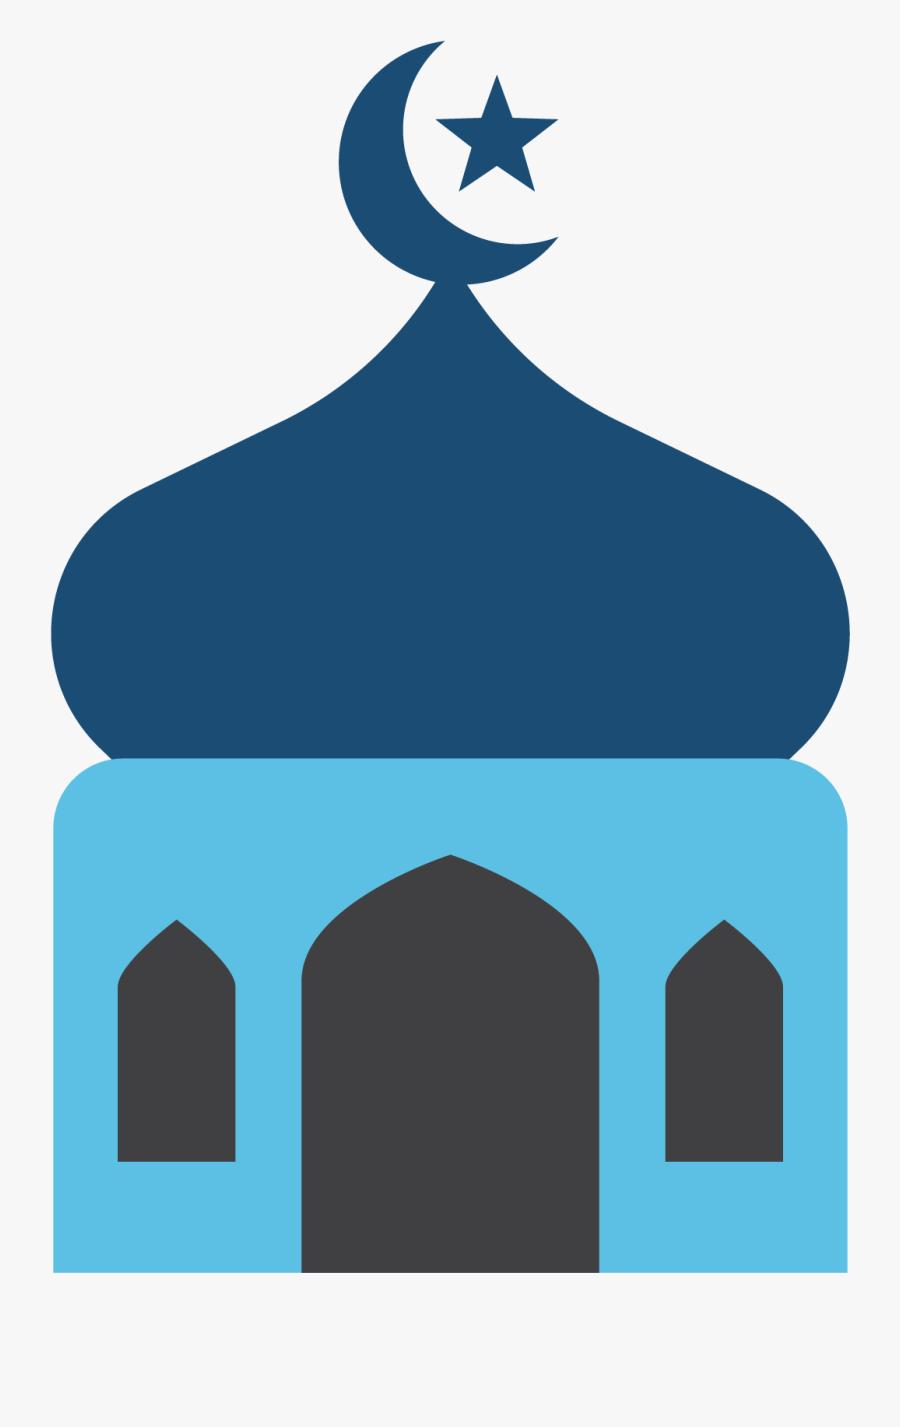 Mosque Clipart Aqsa - Clipart Mosque, Transparent Clipart